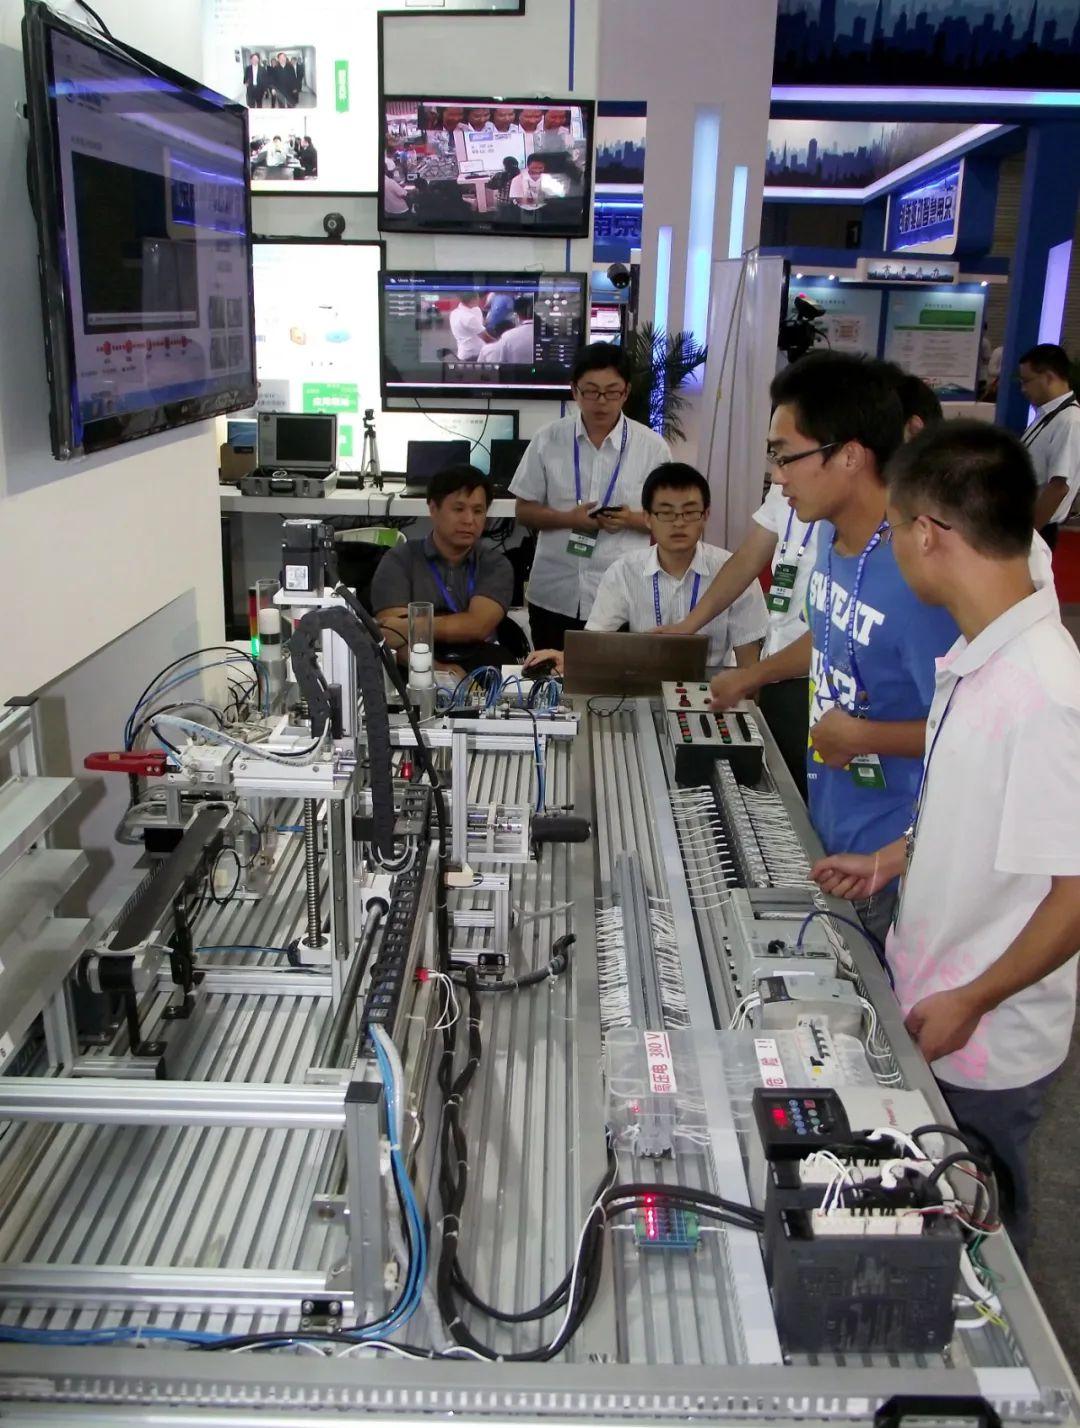 参观者在中国(南京)国际软件产品和信息服务博览会现场观看物联网智能工业软件应用演示 王启明 摄